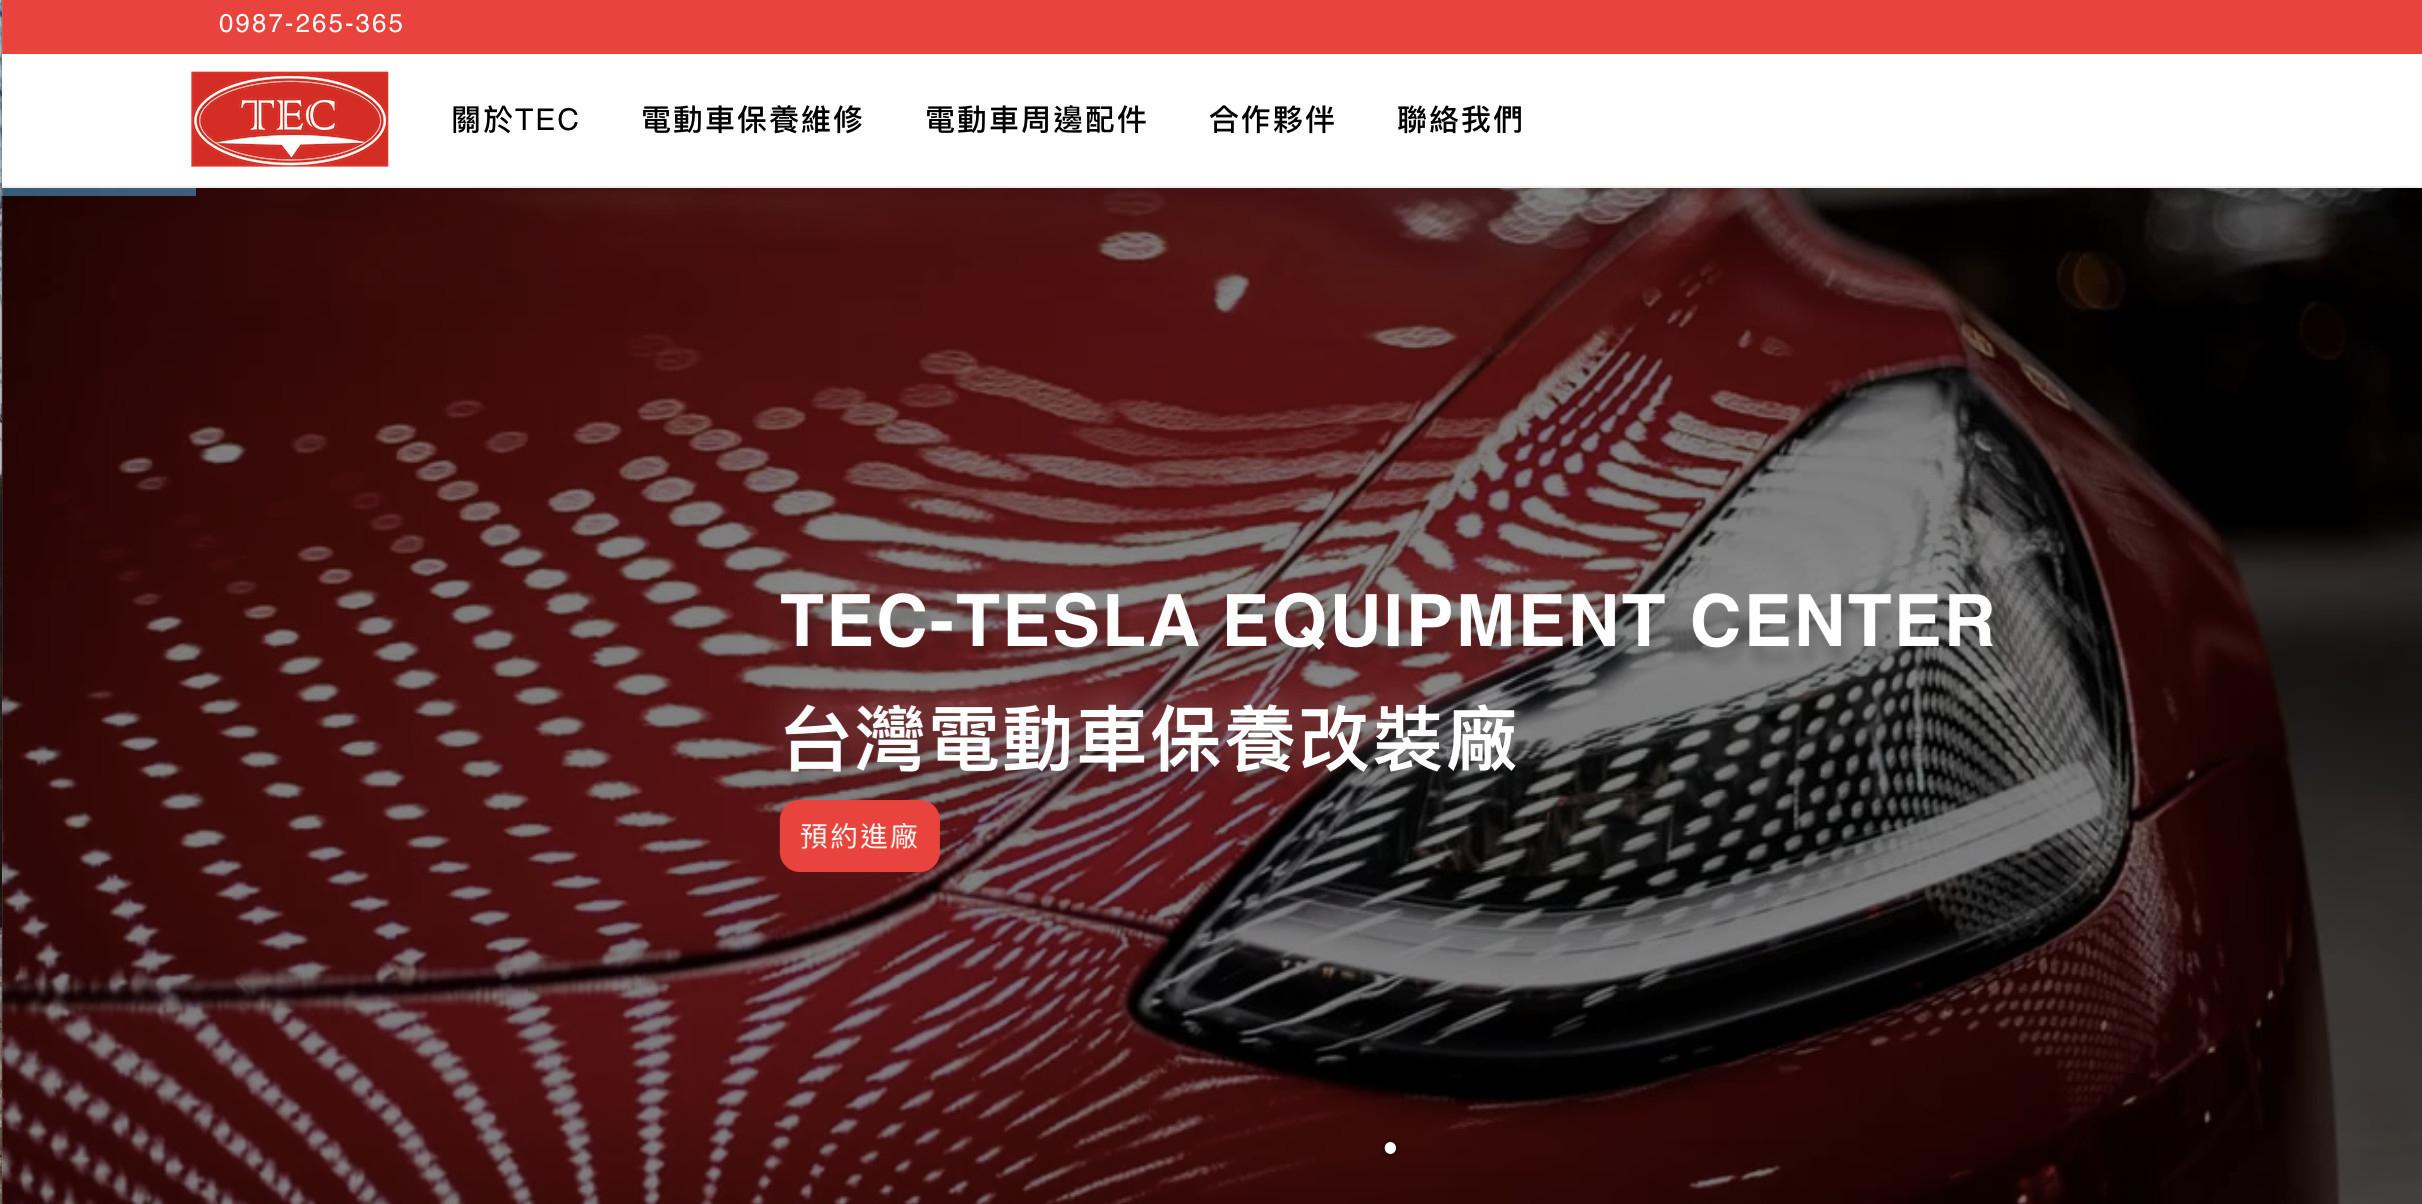 台北SEO網頁設計成功案例-TEC-TESLA EQUIPMENT CENTER 台灣電動車保養改裝廠